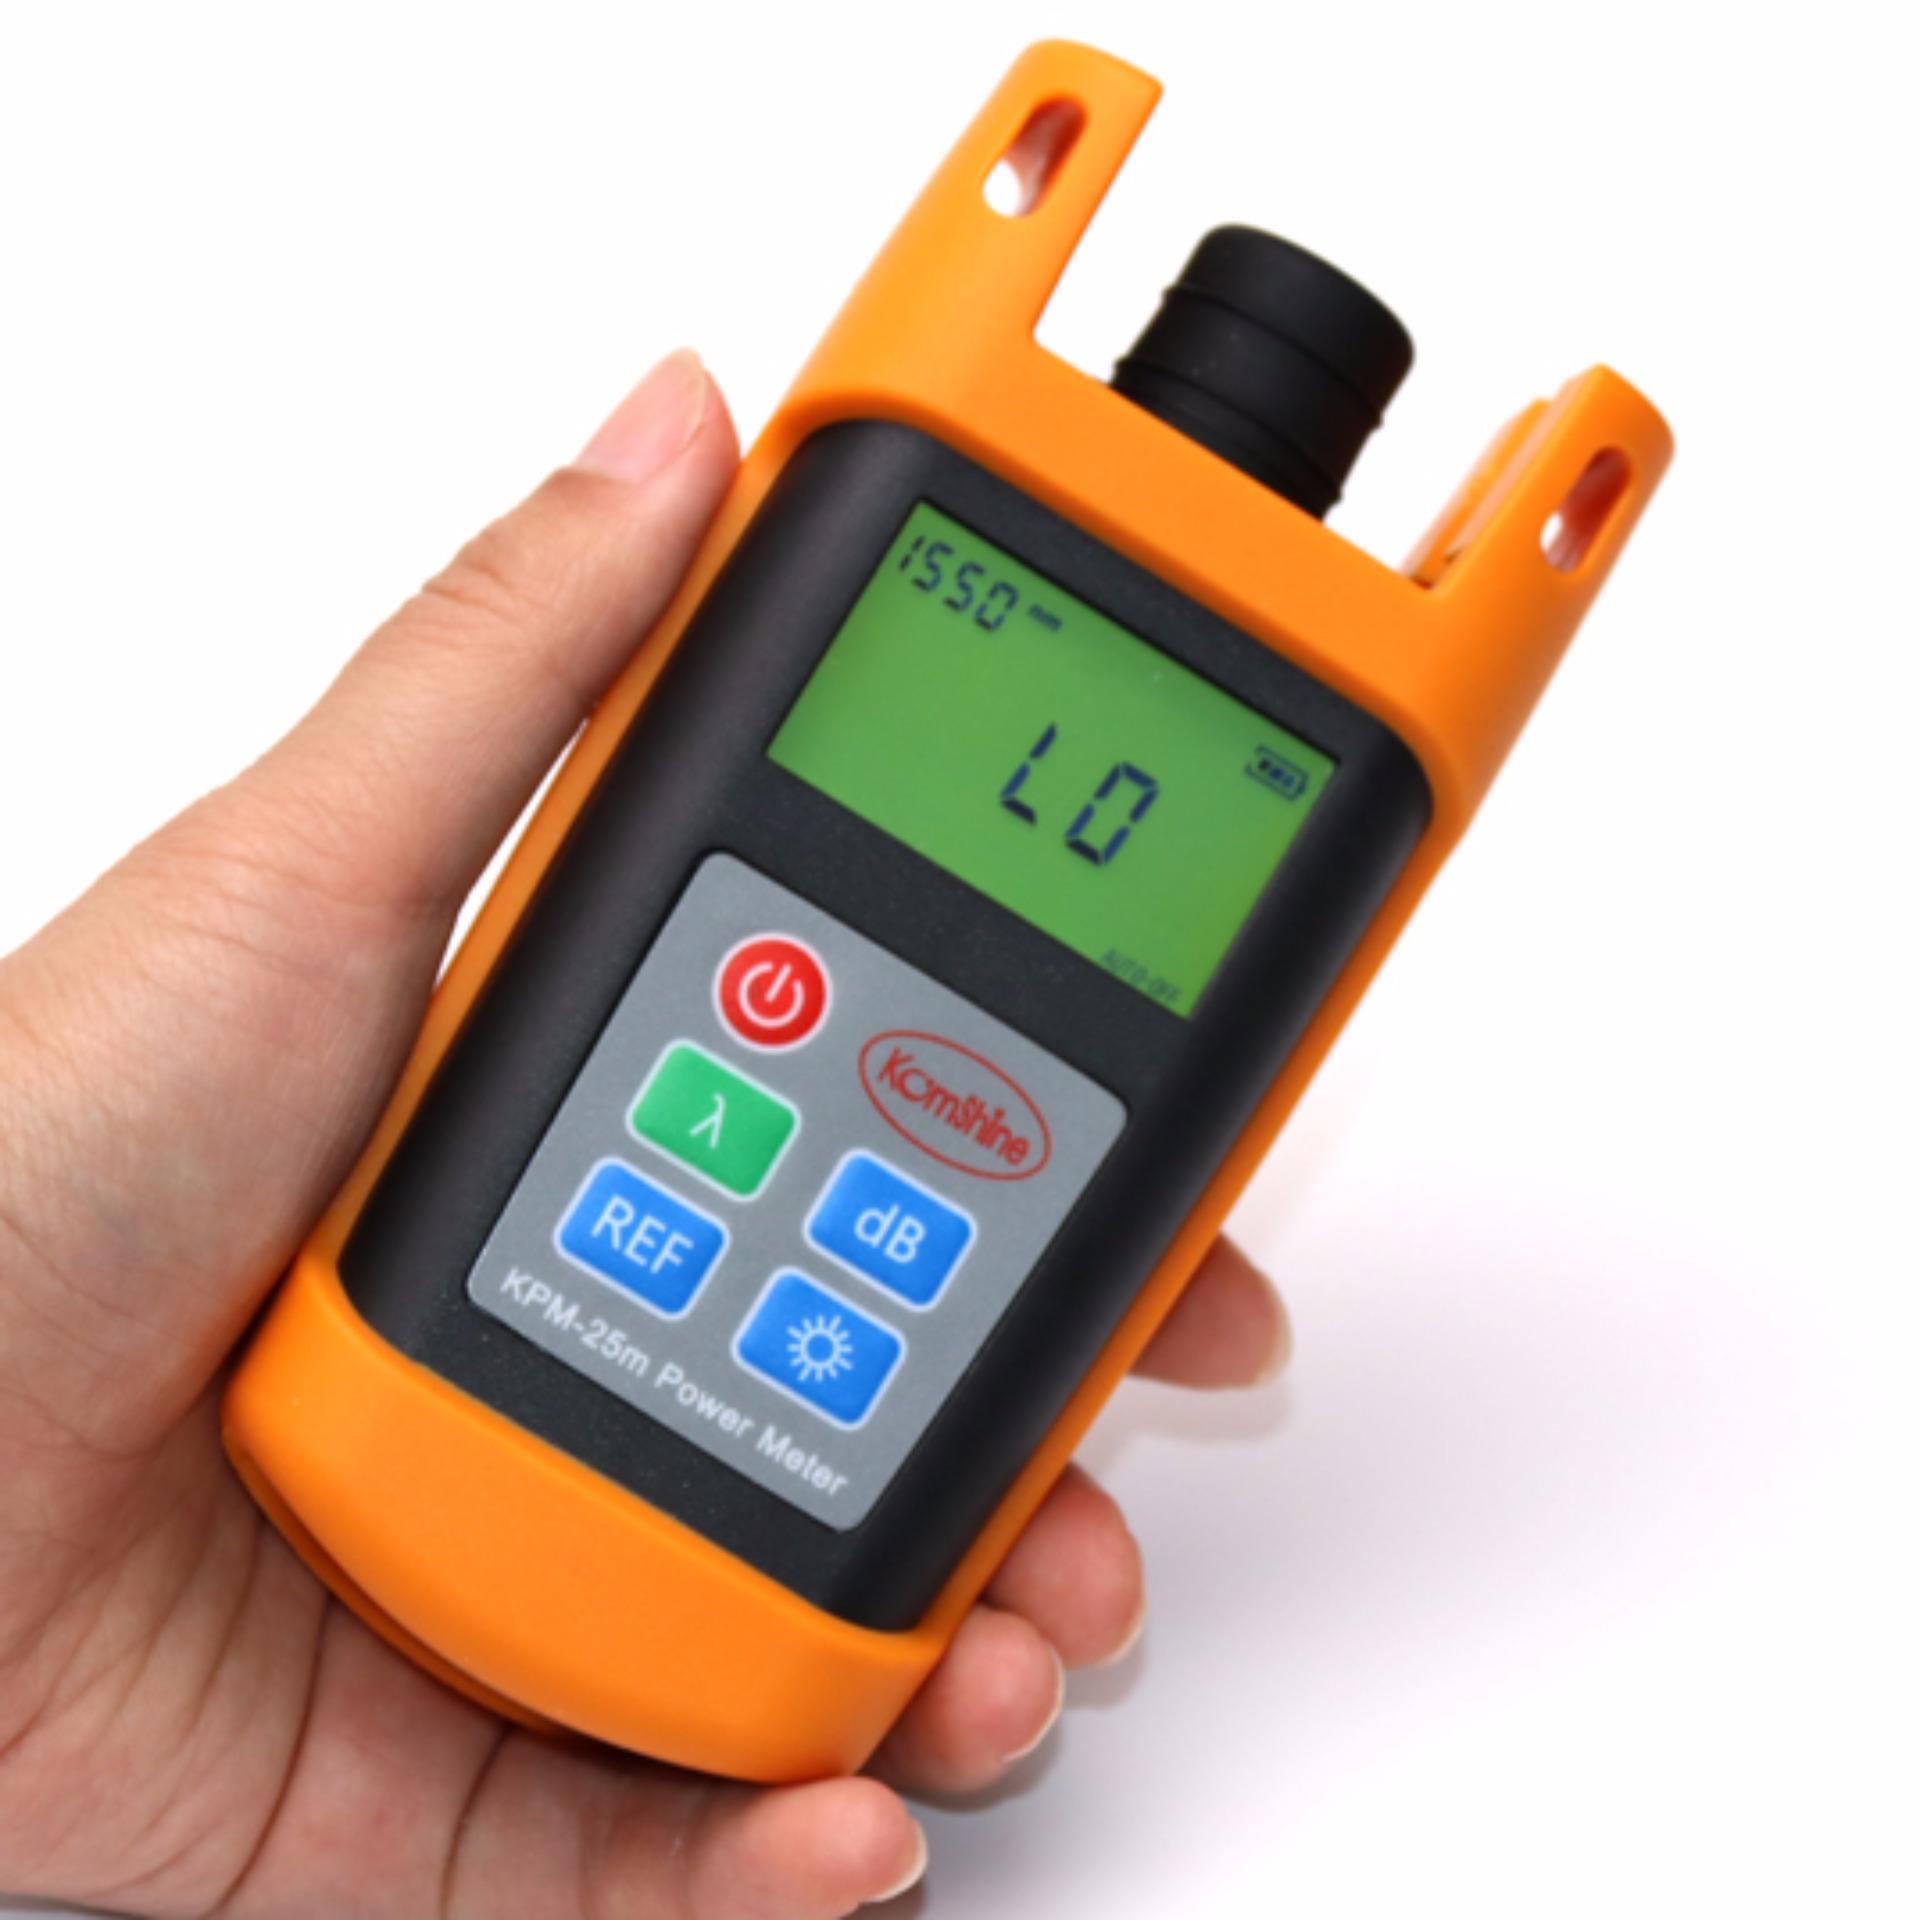 máy đo công suất quang KomShine KPM-25M (-70dBm-10dBm) hàng cao cấp